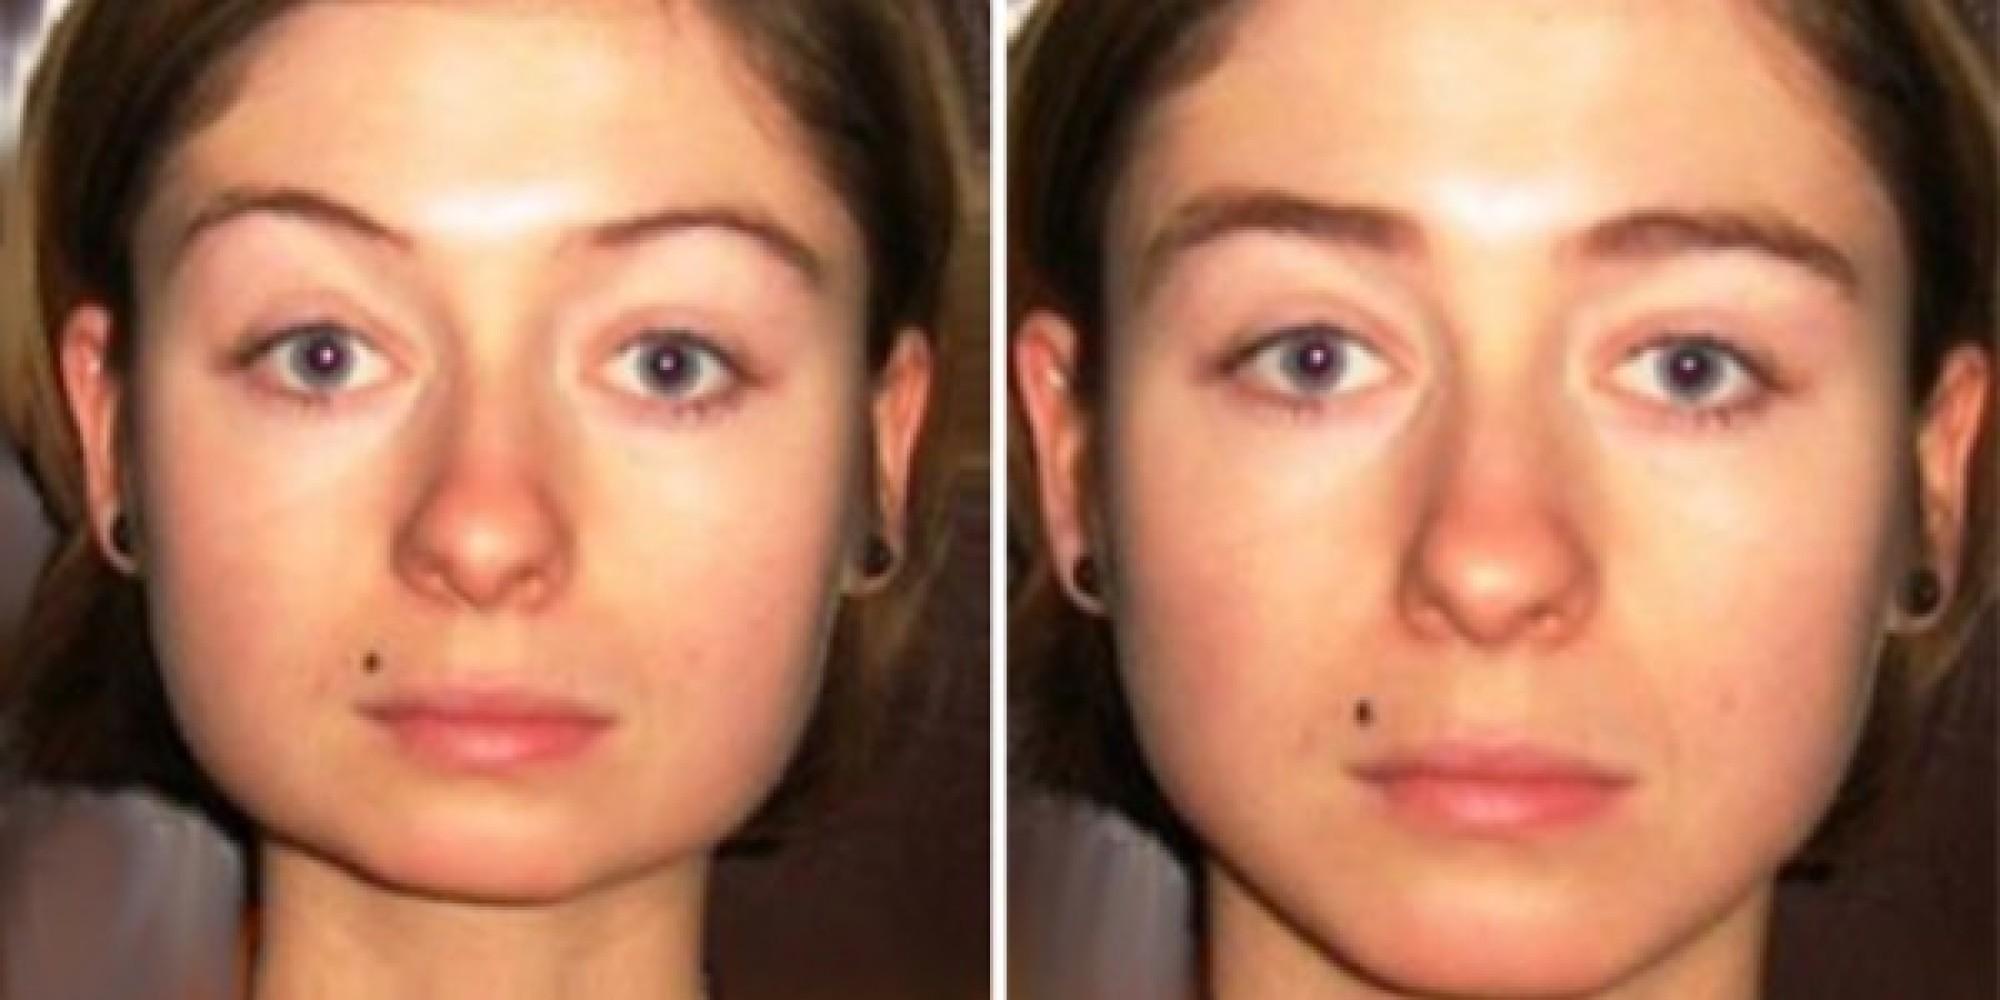 Beautiful Feminine Faces Women With Feminine Faces More